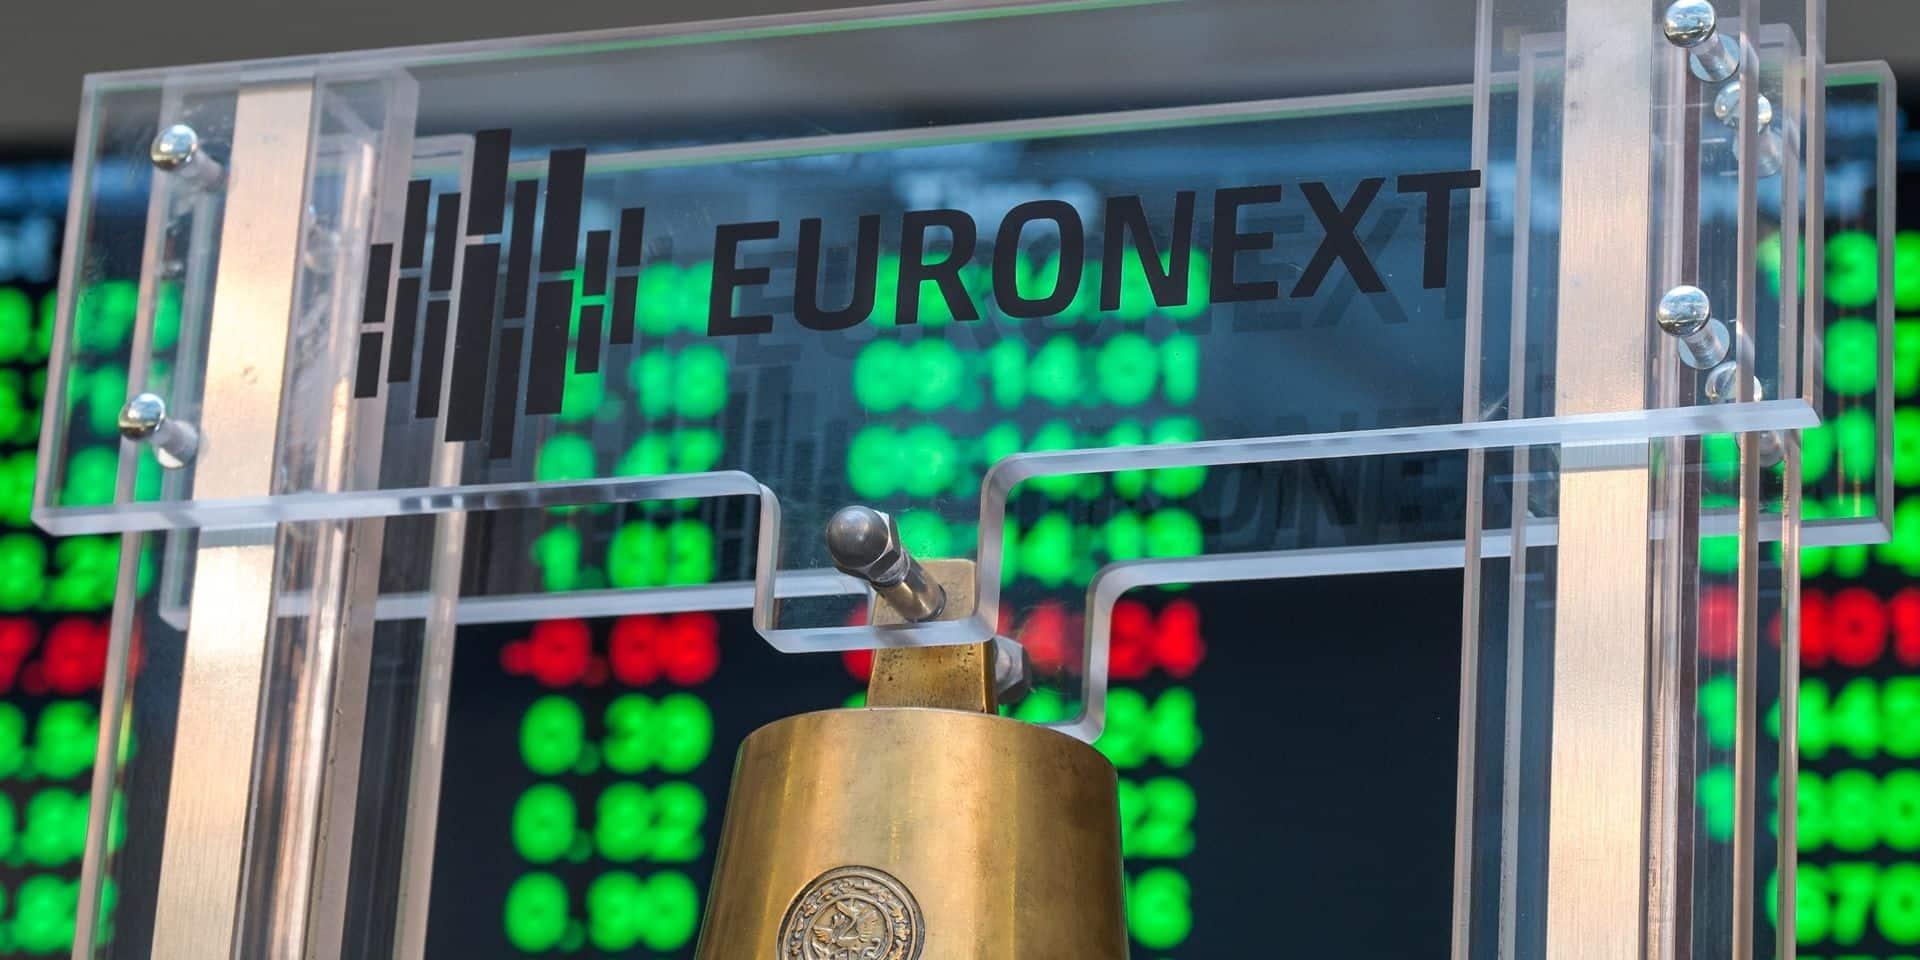 Les bourses européennes plongent dans le rouge, Bel 20 en tête